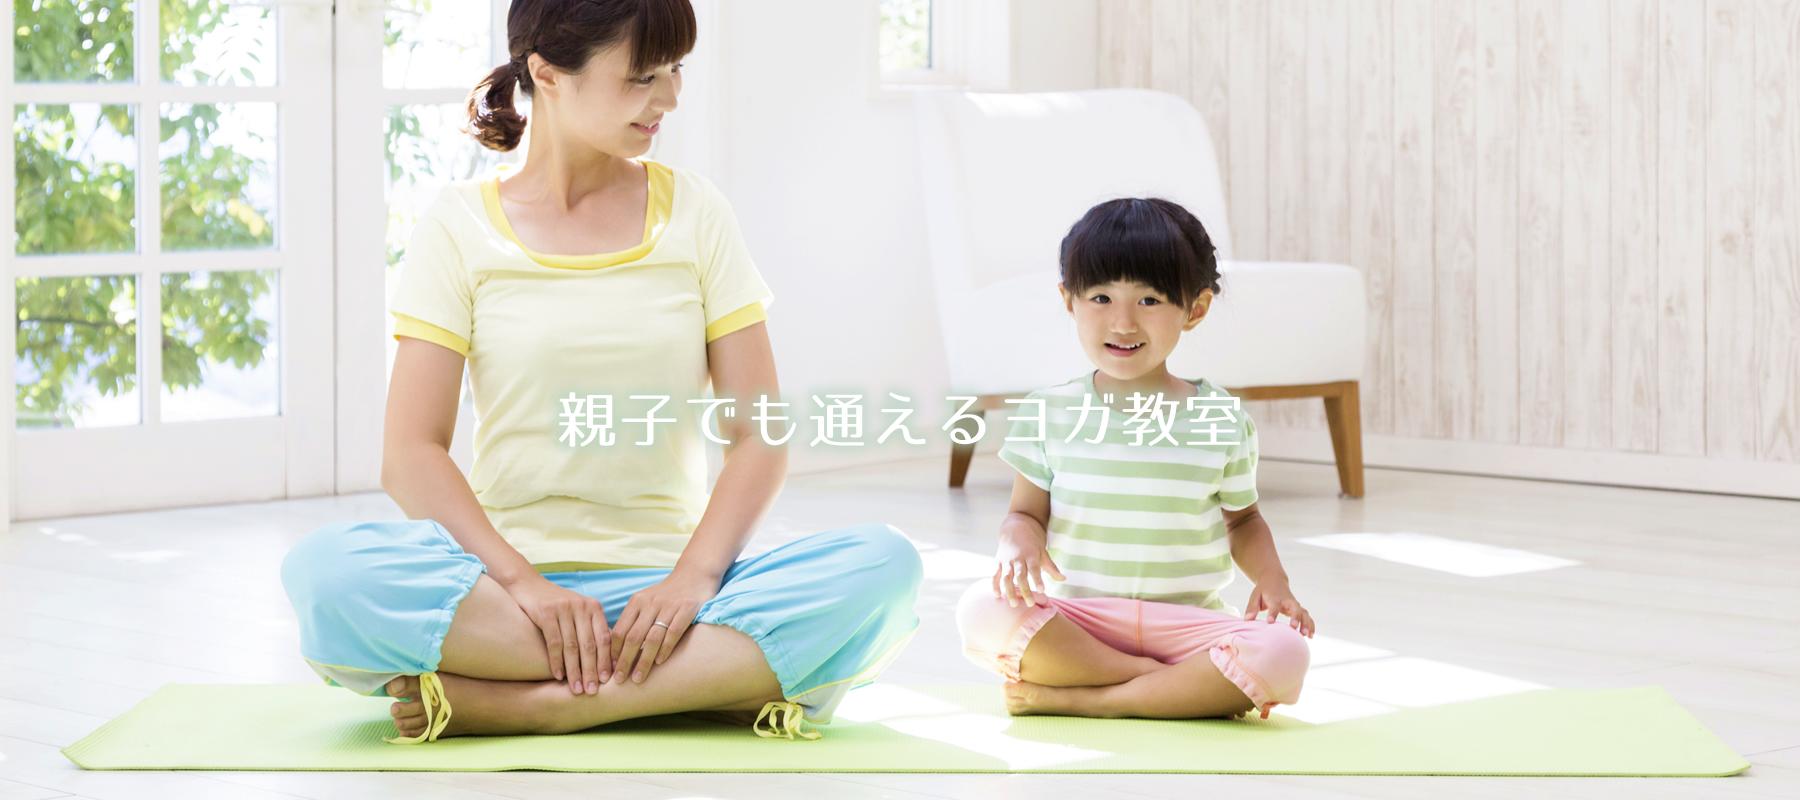 親子で通える用賀のヨガ教室